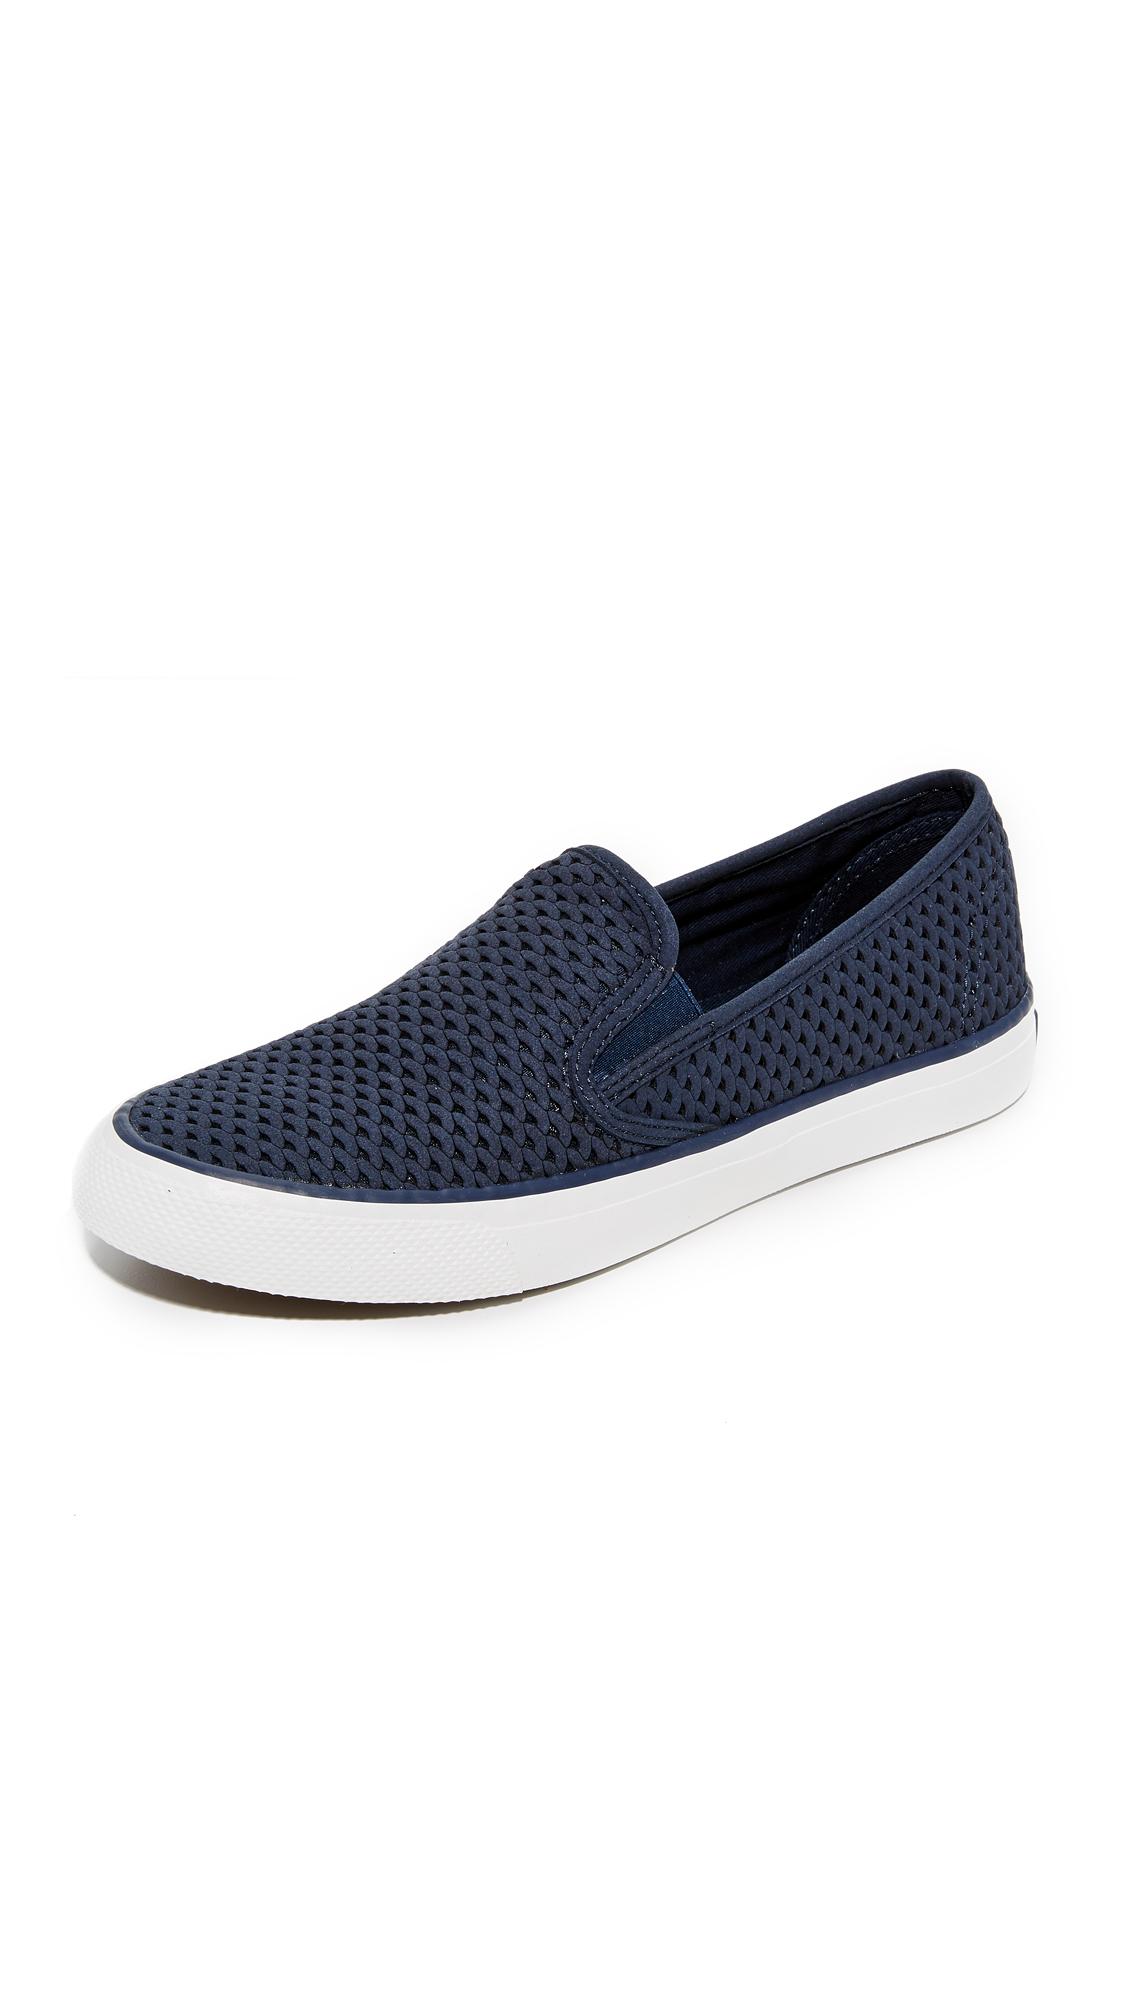 Sperry Seaside Perforated Slip On Sneakers - Navy